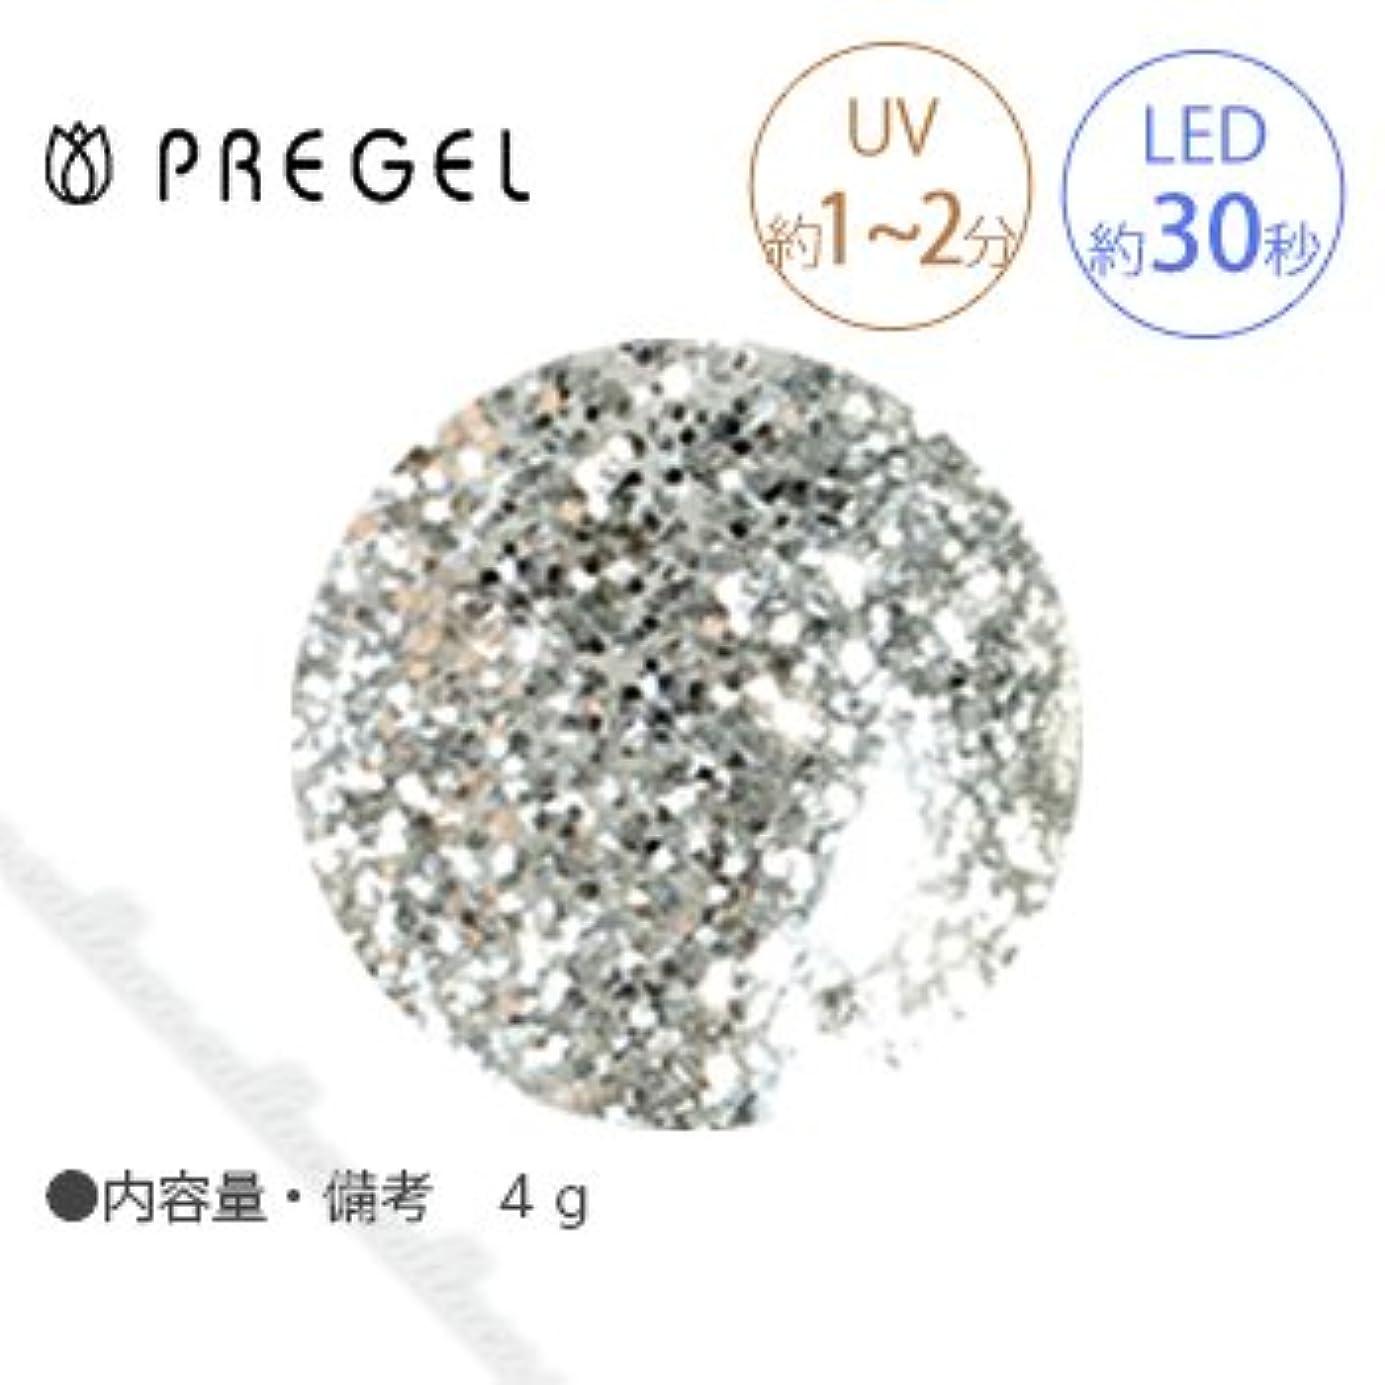 へこみ証言する彫る【PREGEL】 プリジェル カラーEX ダイヤモンドシリーズ ダイヤモンドシルバー PG-CE400 4g